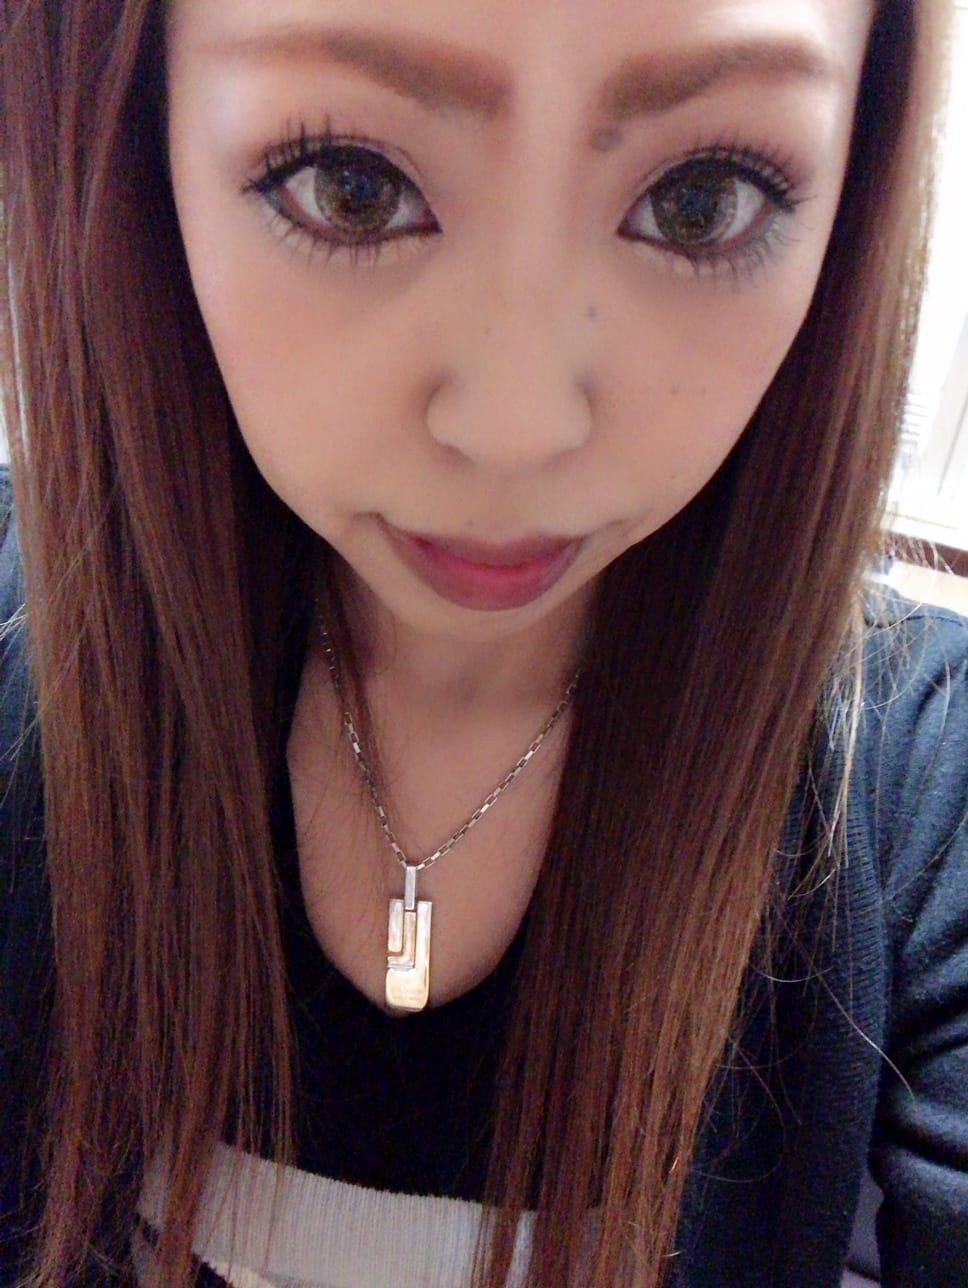 「早く寝なきゃー!!!!」02/22(木) 00:12 | さらの写メ・風俗動画